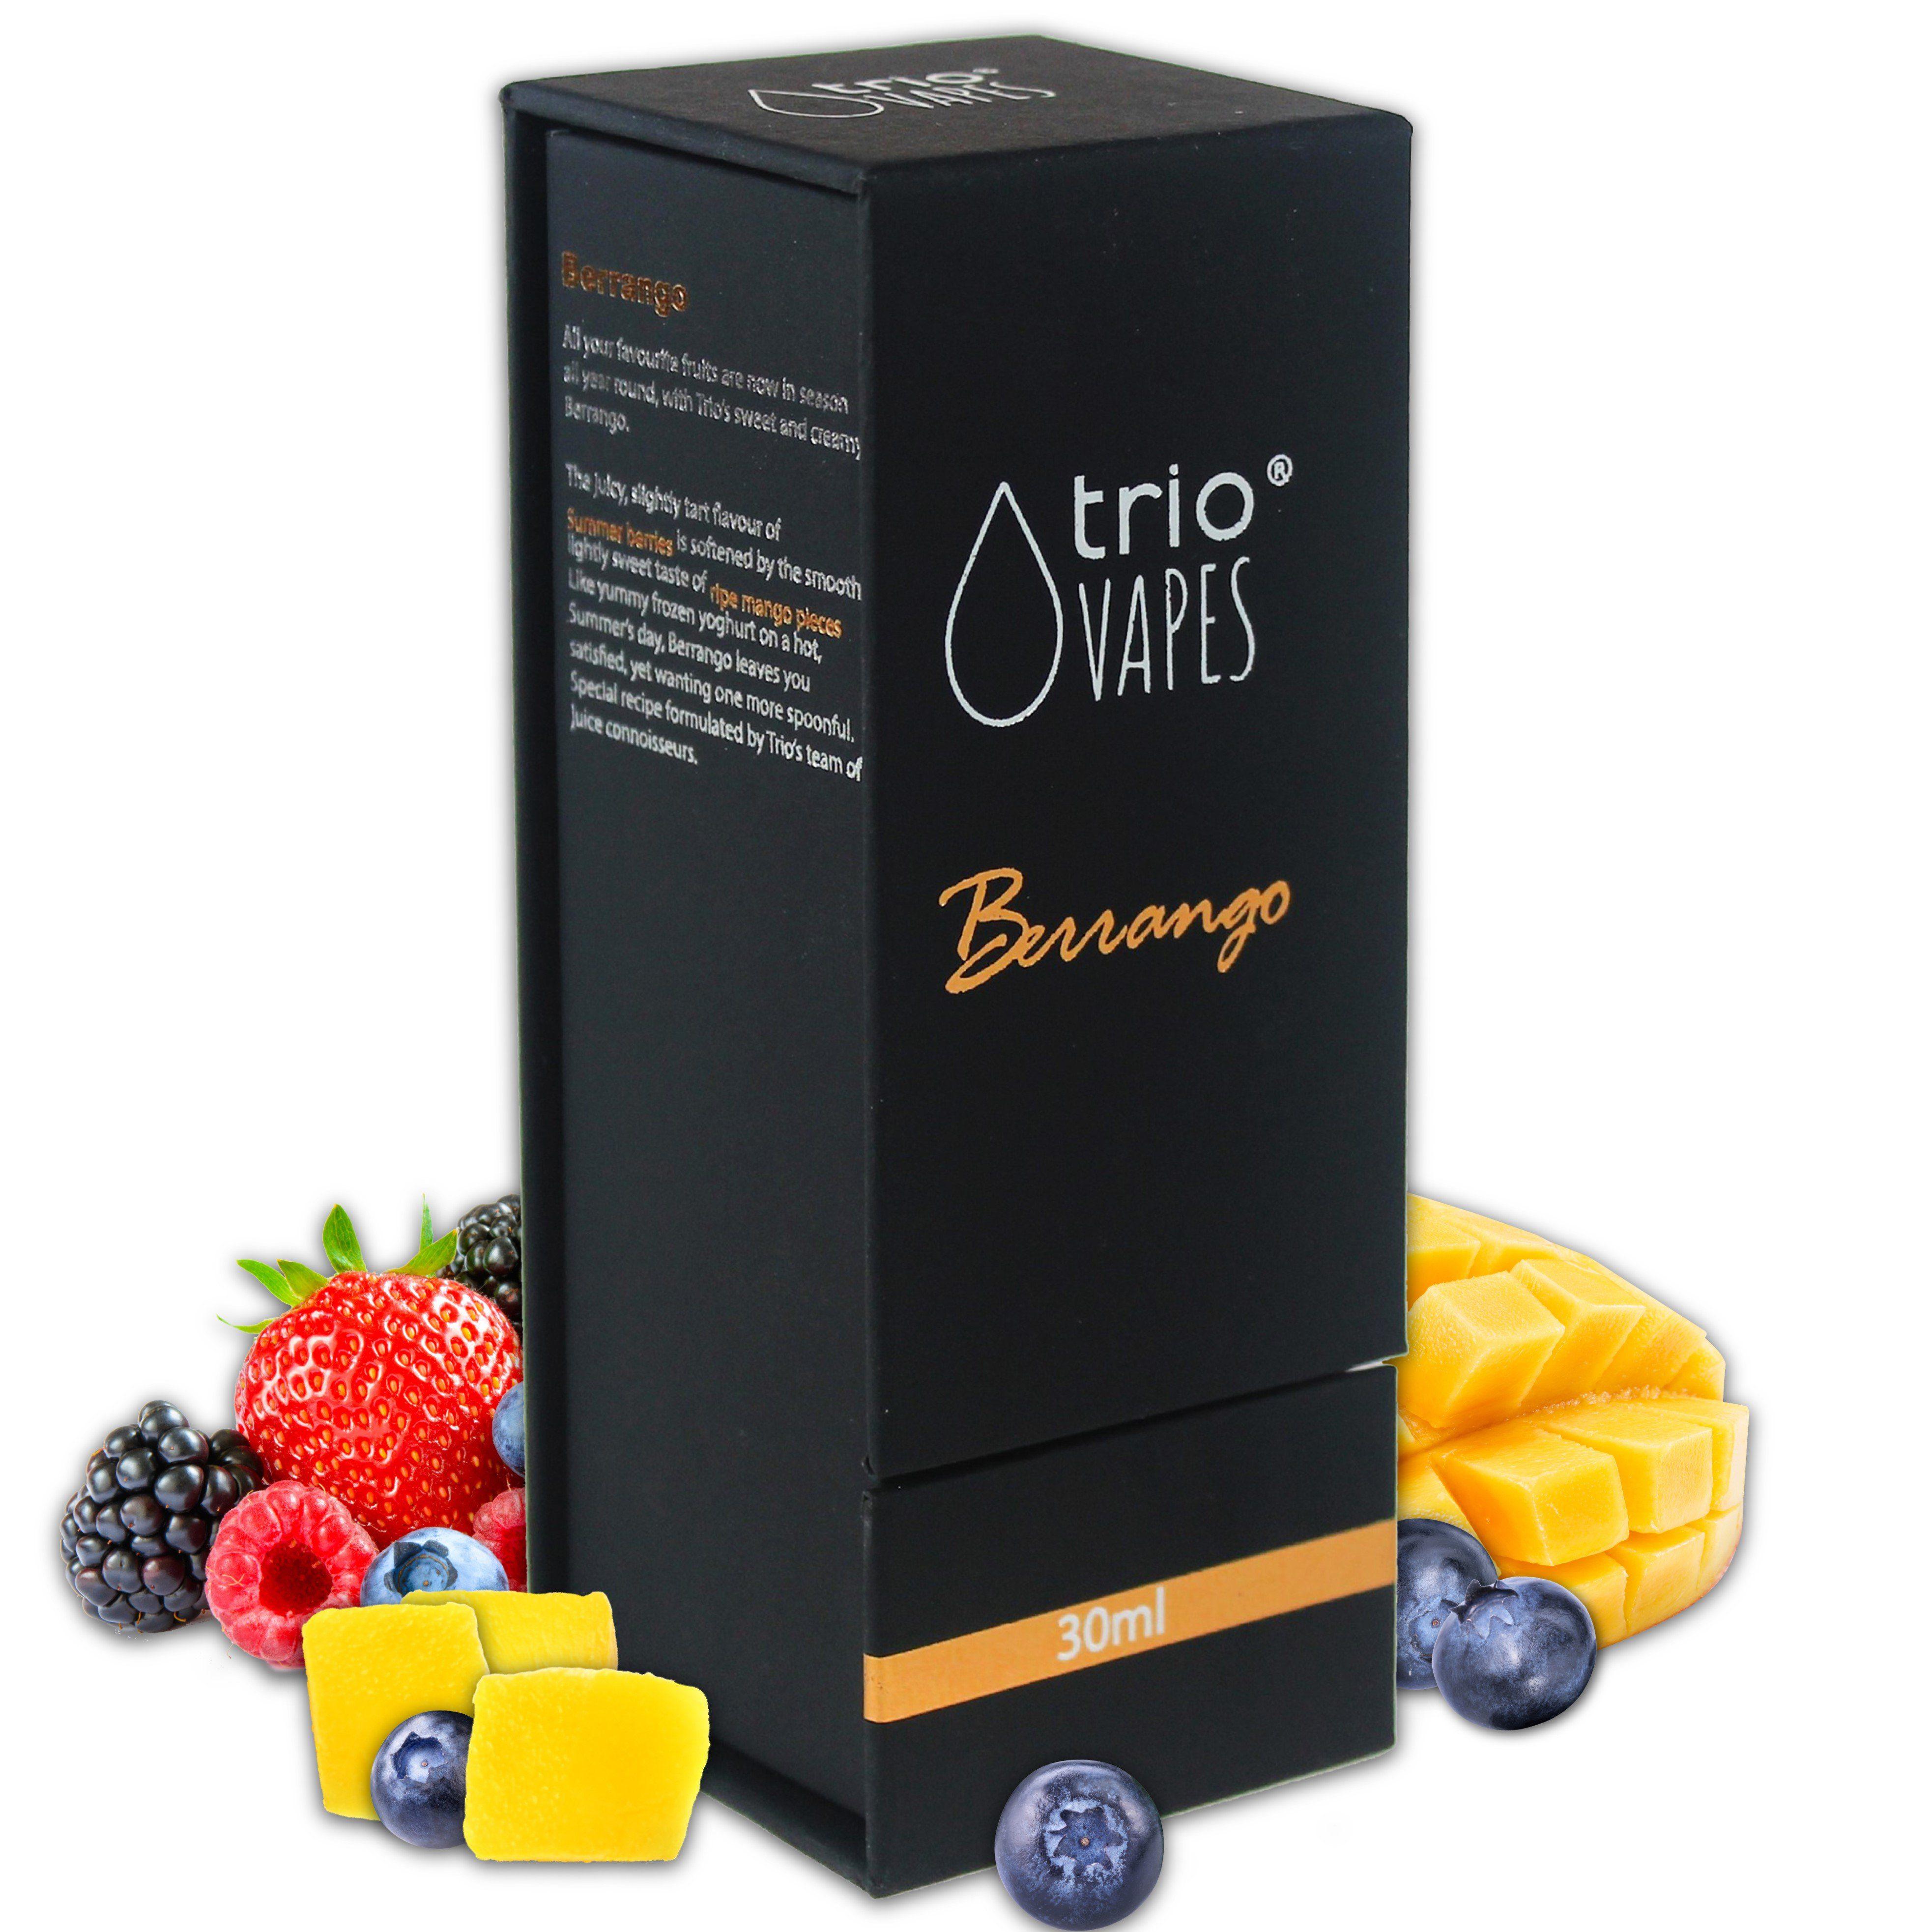 Trio Vapes Premium E-Liquid - Berrango